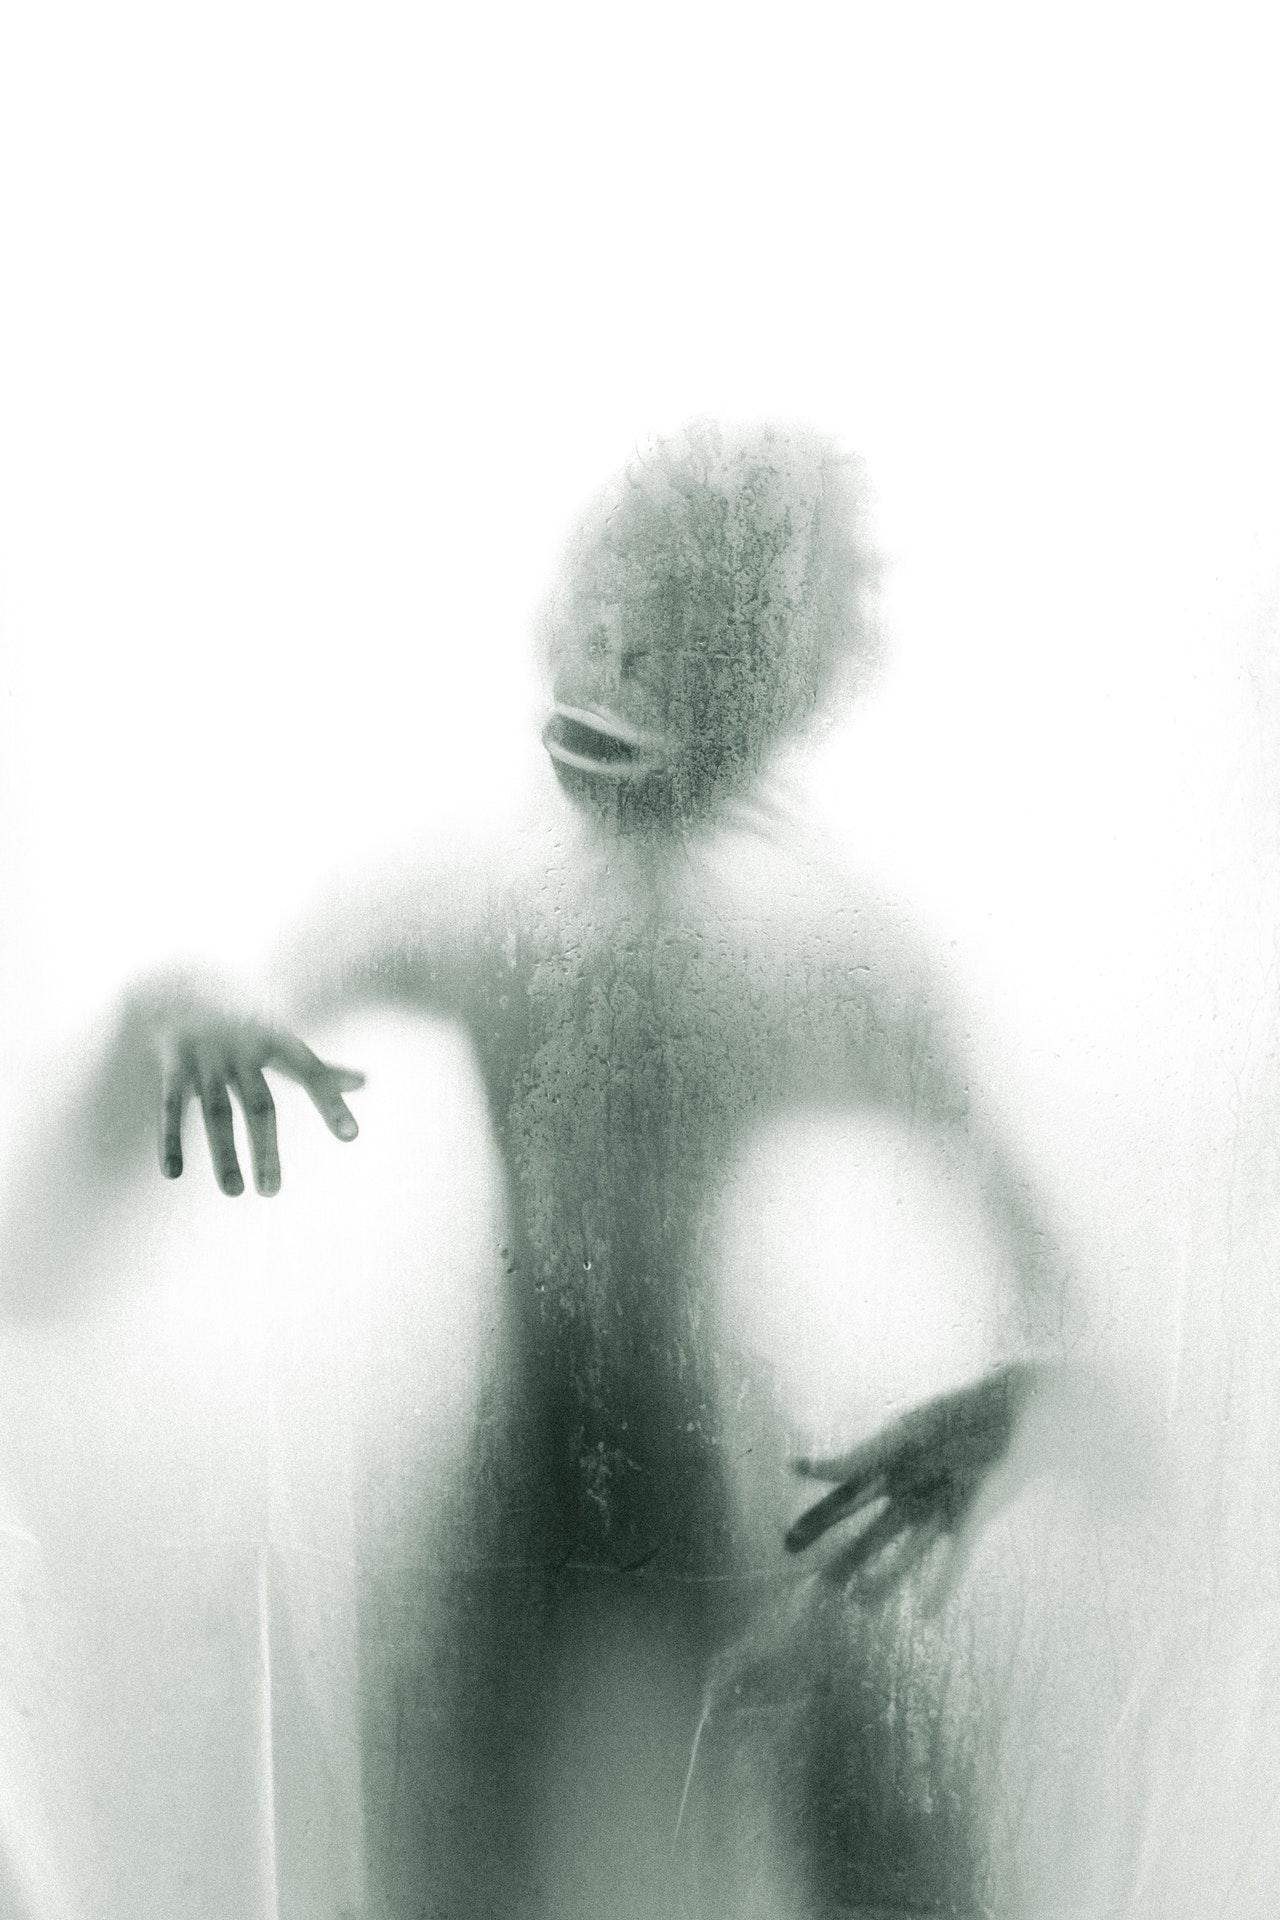 espíritos zombeteiros